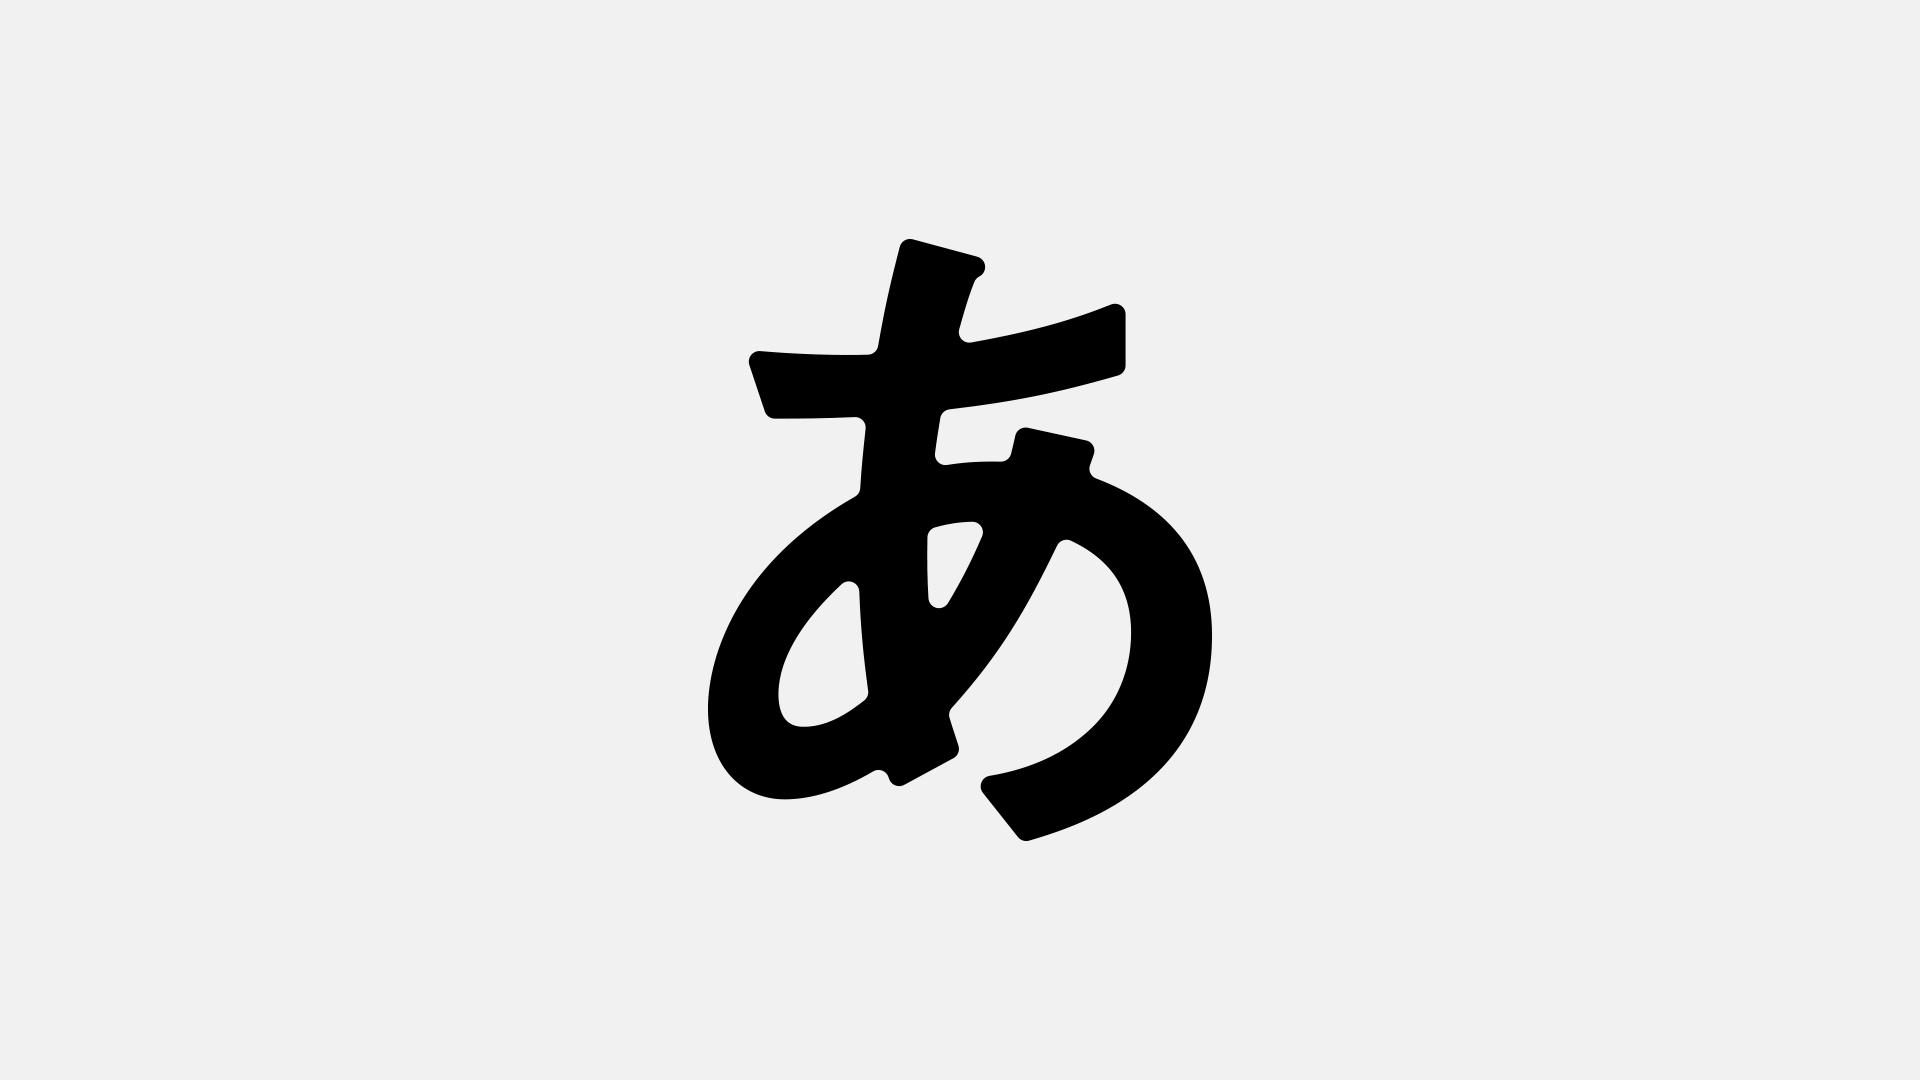 オフセット加工の角丸文字が完成